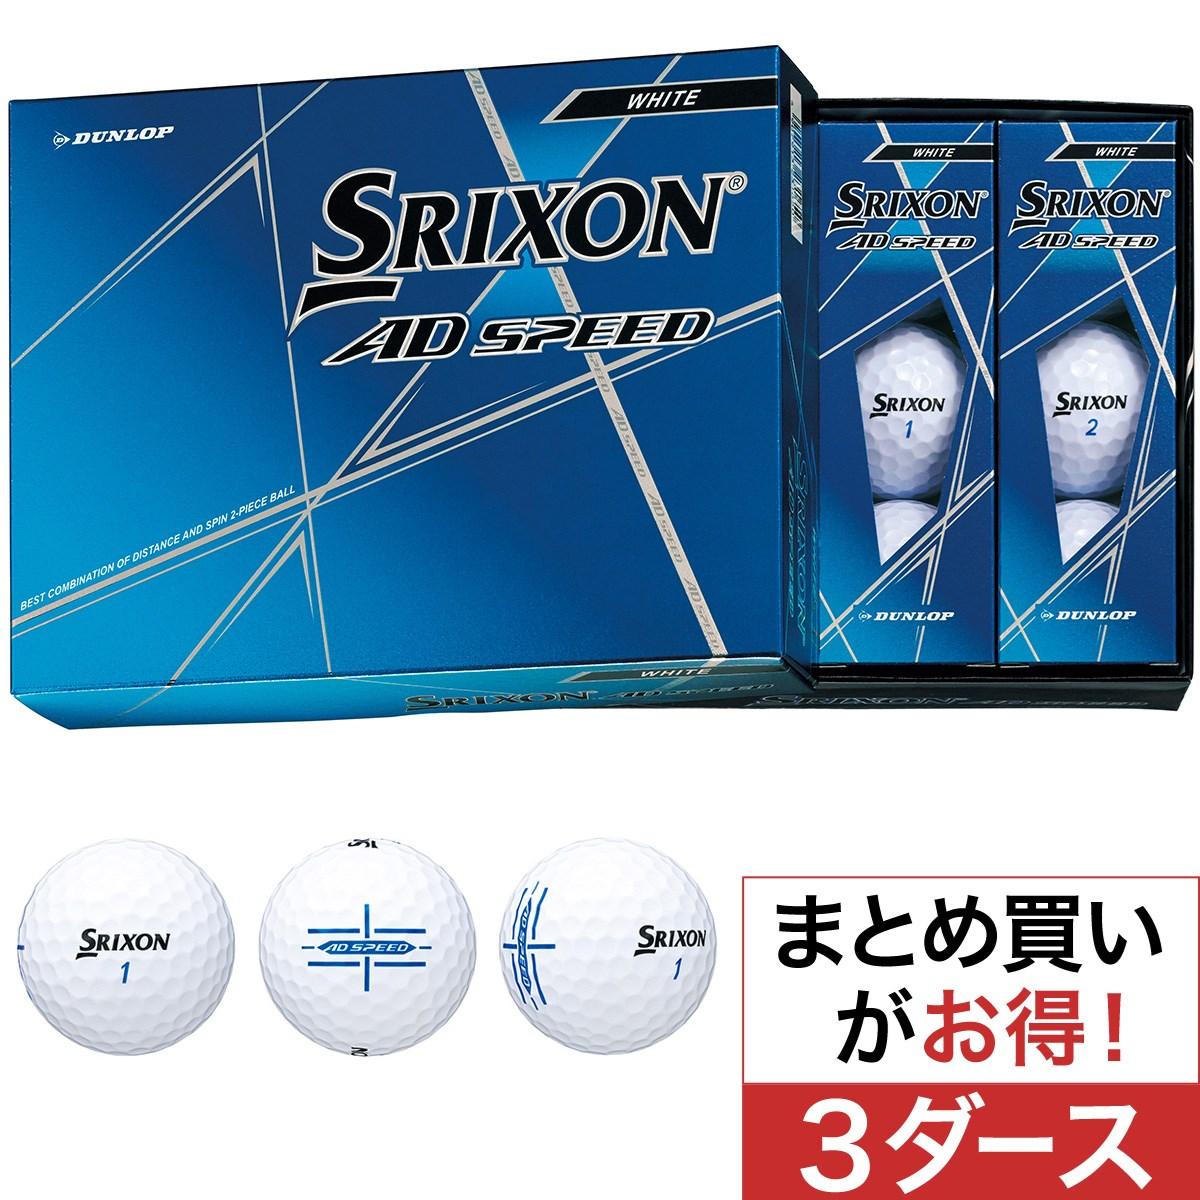 ダンロップ(DUNLOP) スリクソン AD SPEED ボール 3ダースセット